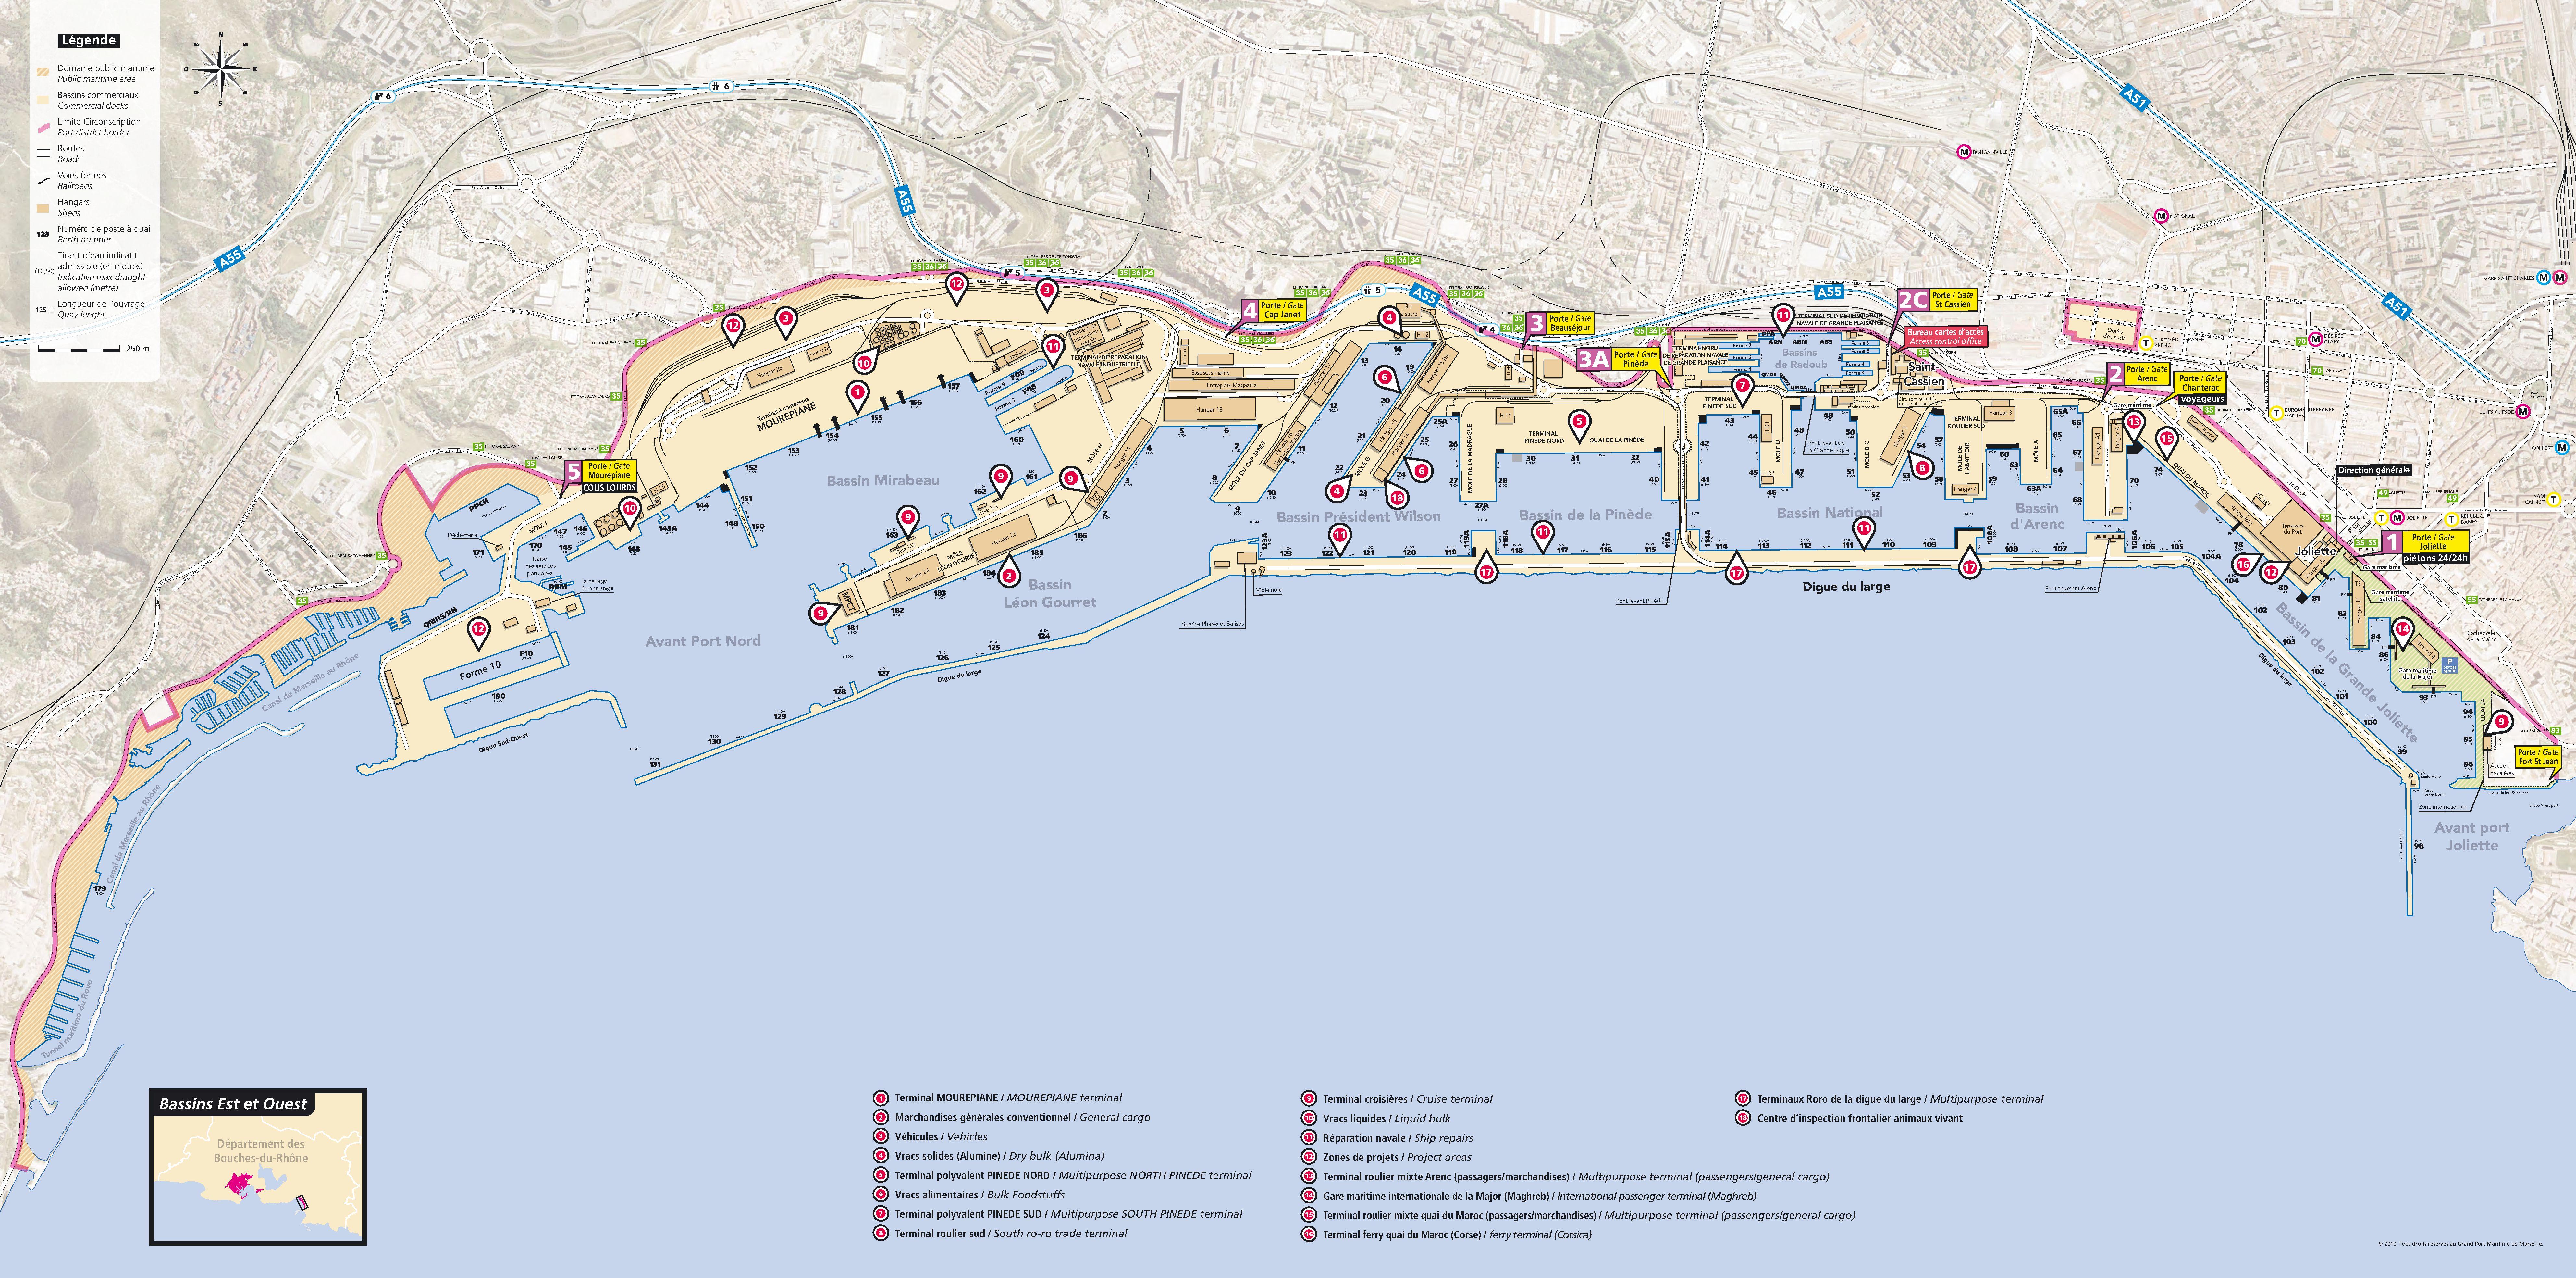 круизный порт дубай на карте